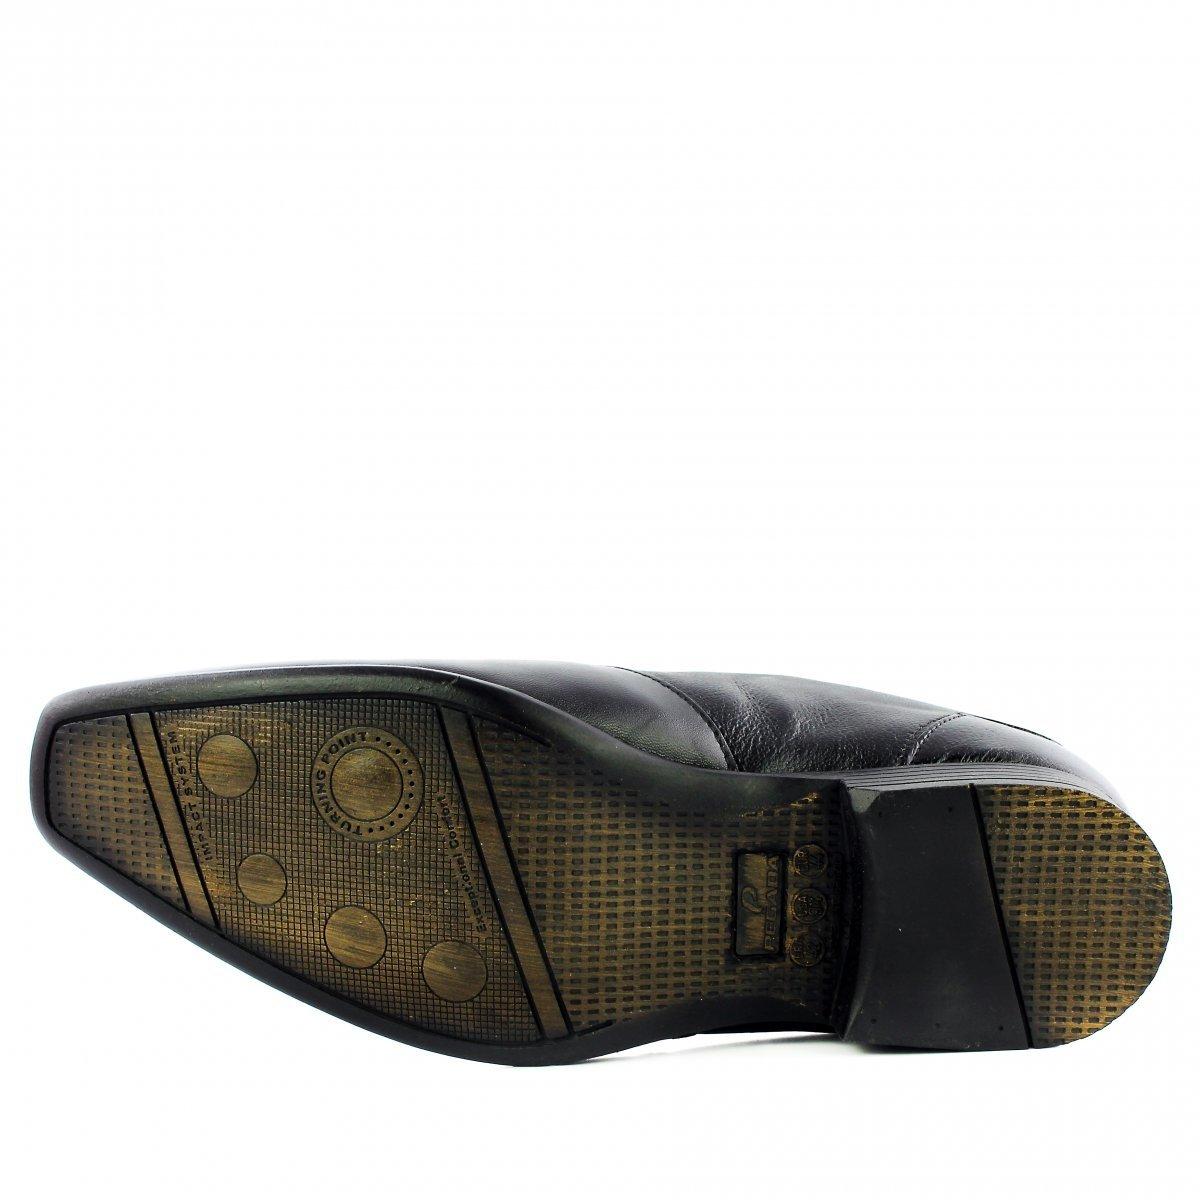 Sapato Sapato Masculino Sapato Preto Masculino Pegada Pegada Preto Pegada xOfT1HO